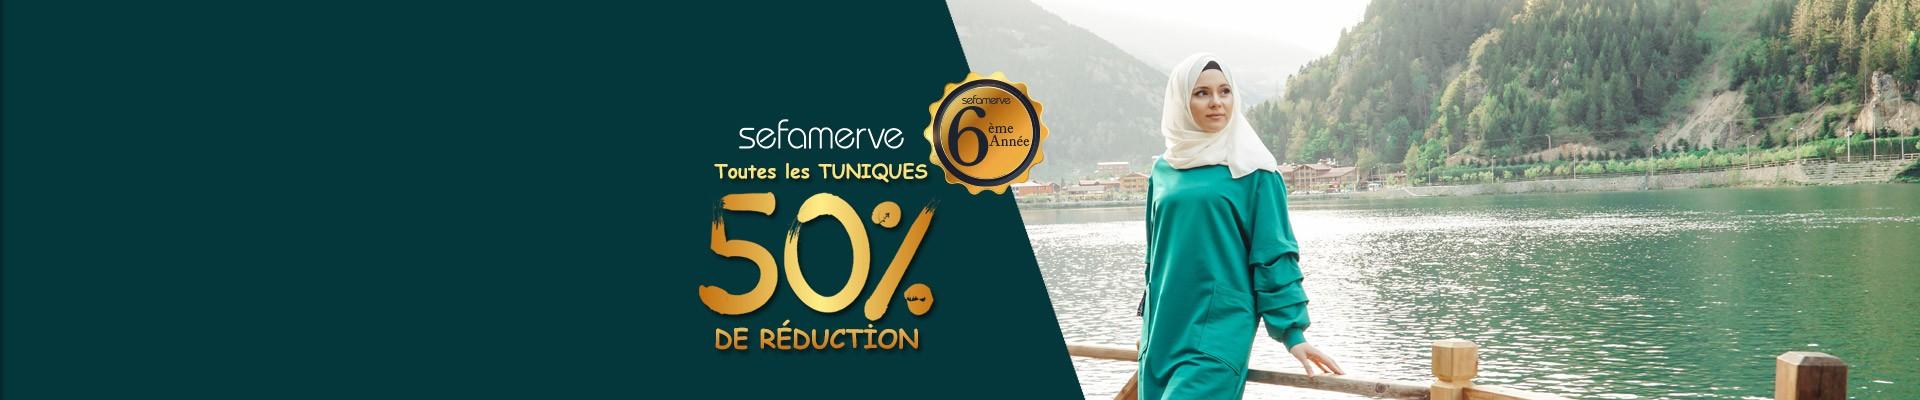 Tous Les Tuniques Sefamerve 50% de Réduction